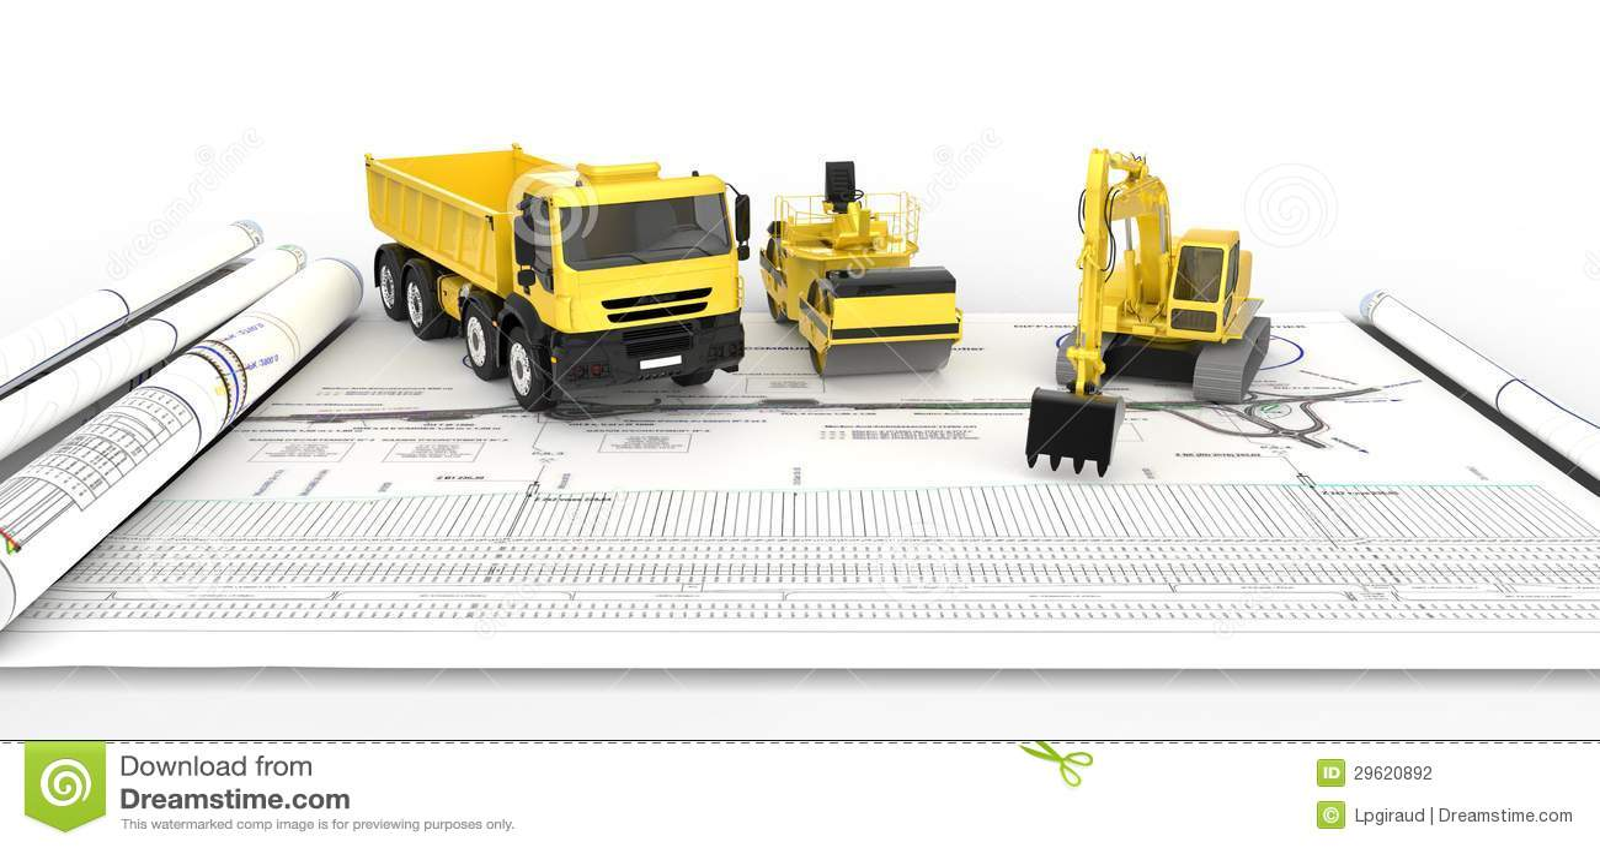 Camion per la costruzione di strade illustrazione di stock for Disegnare piani di costruzione online gratuitamente